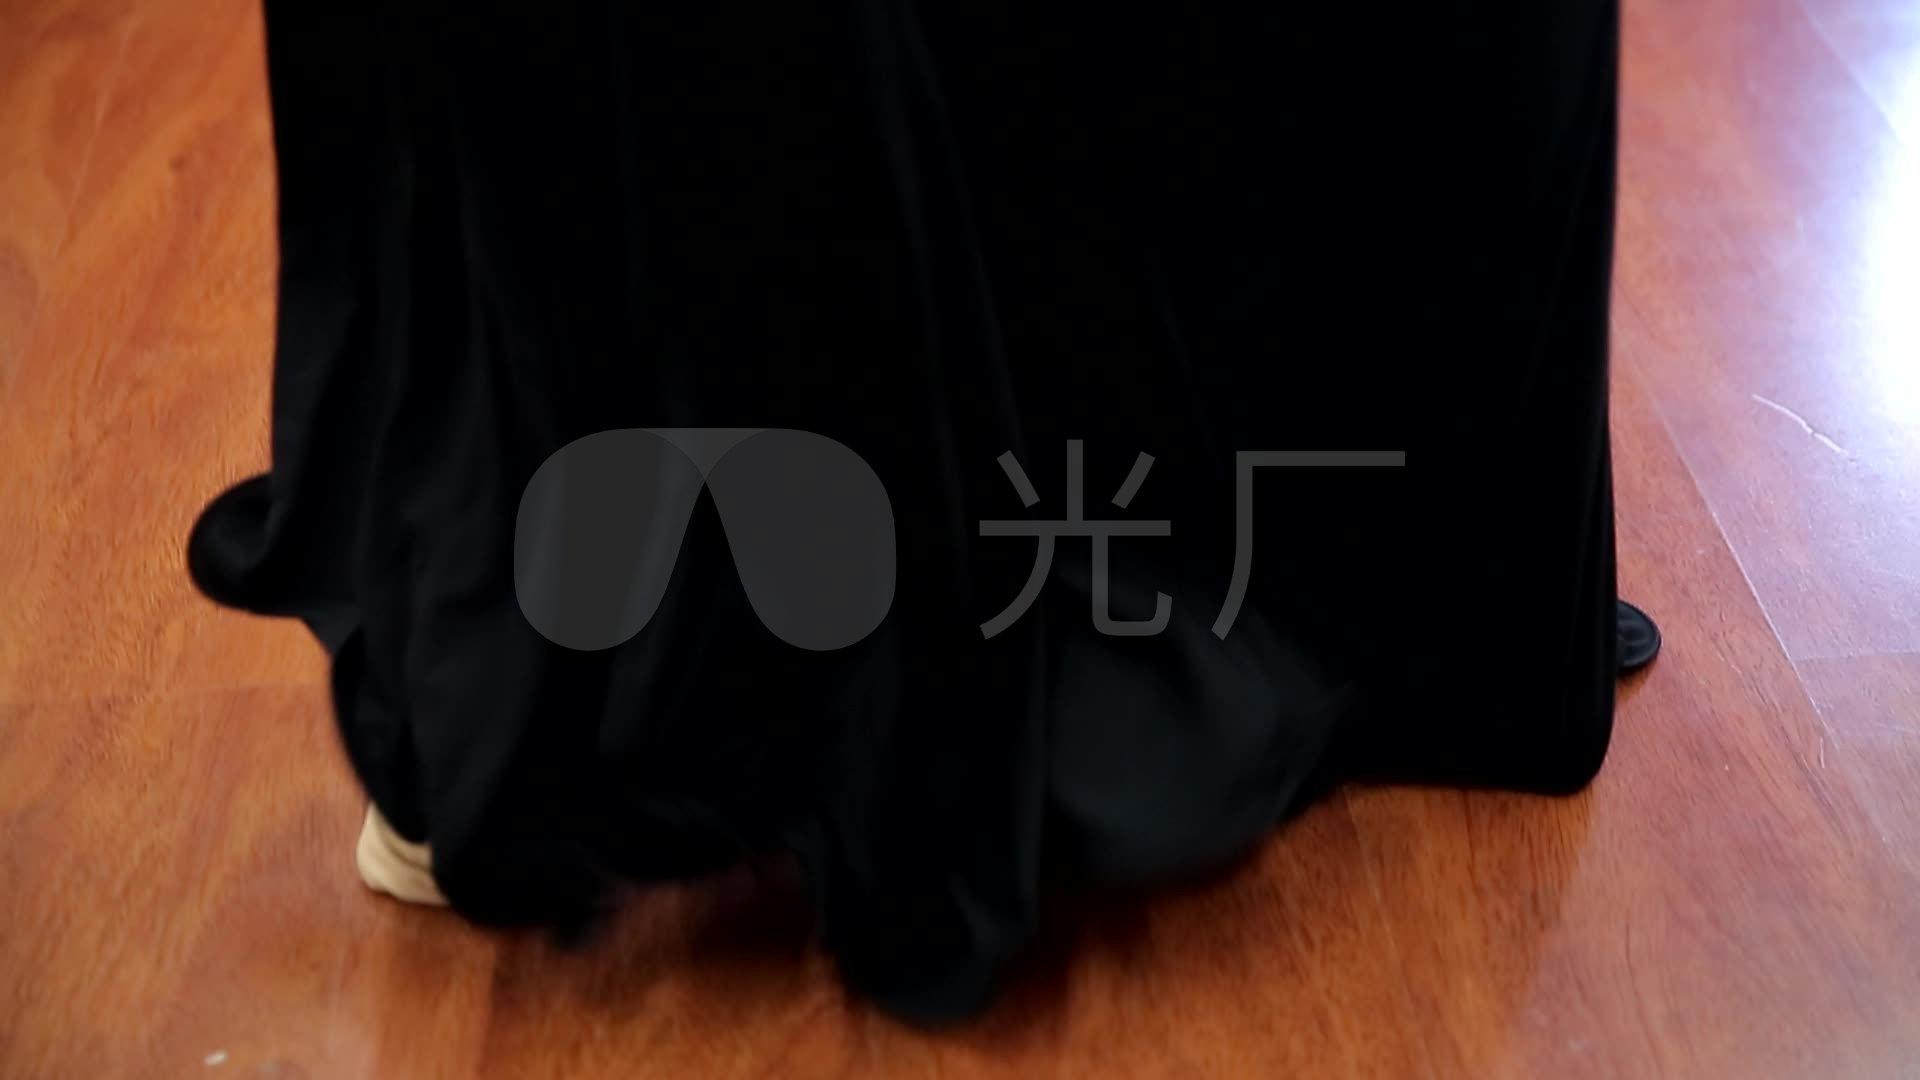 性感舞舞娘排练跳舞腰链性感女_1920X1080_肚皮的最美女图片睡衣吊带图片